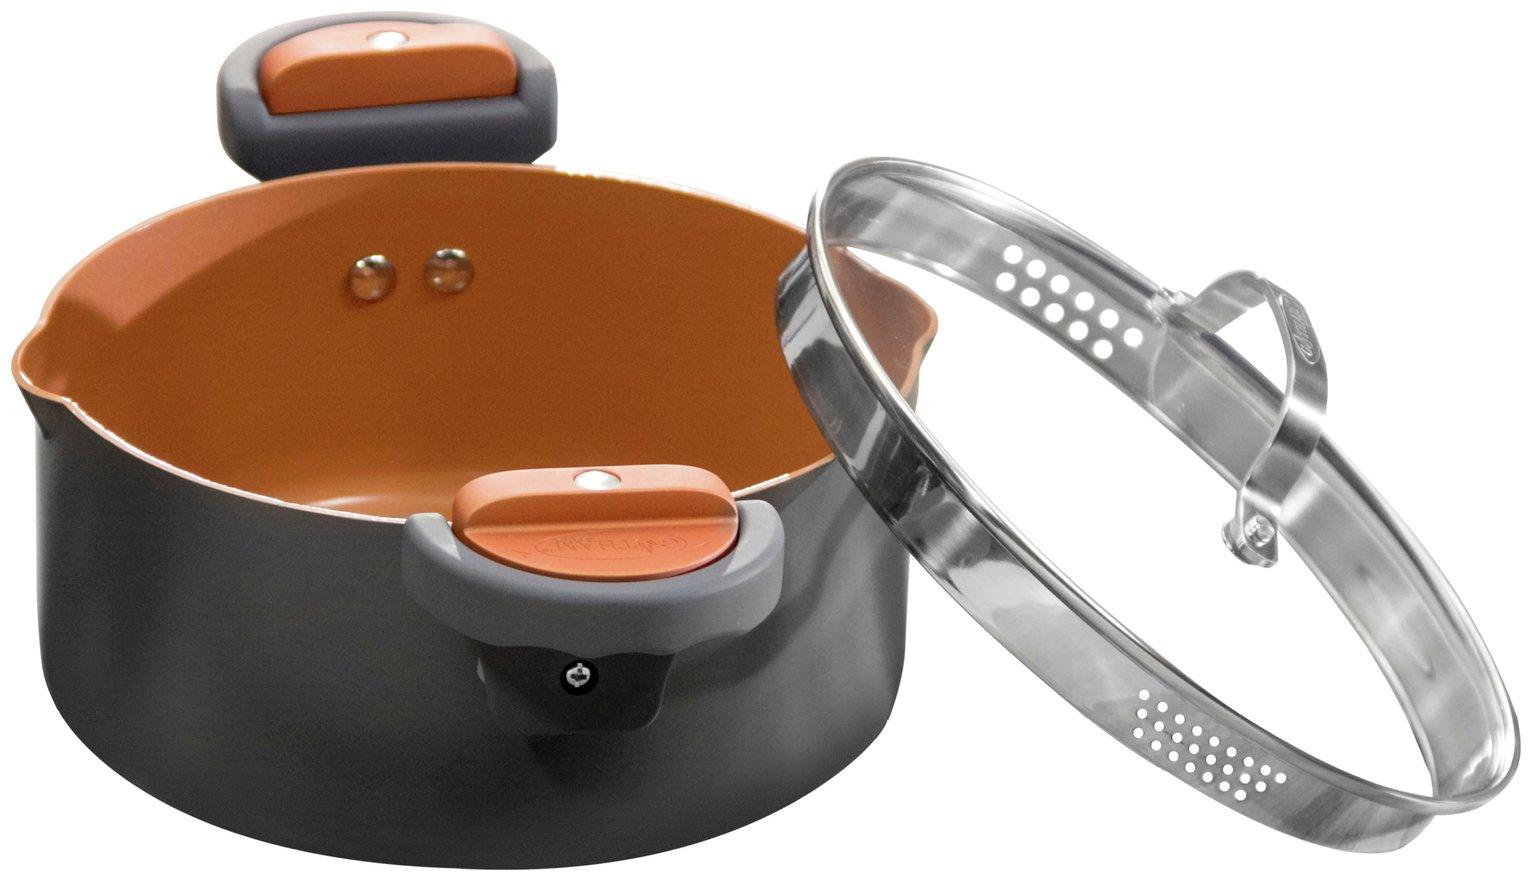 Image of Gotham Steel Ceramic Pasta Pot with Lid - Black